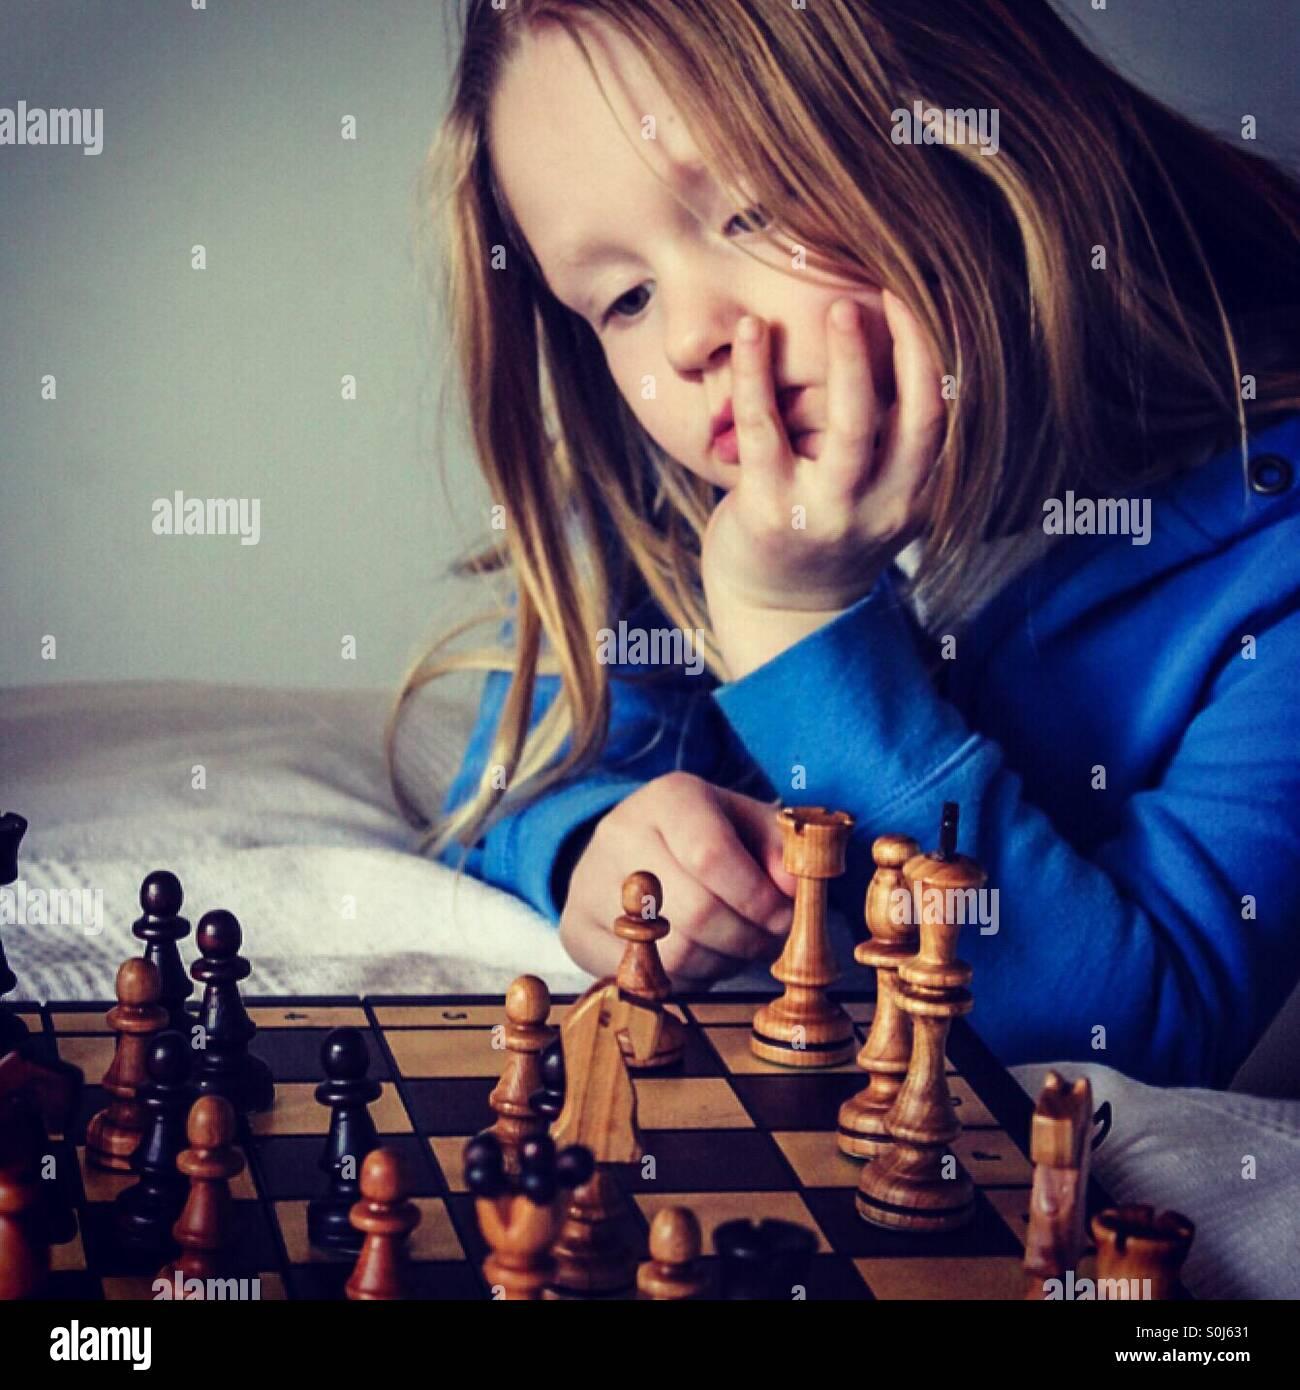 Mädchen spielen Schach Stockbild